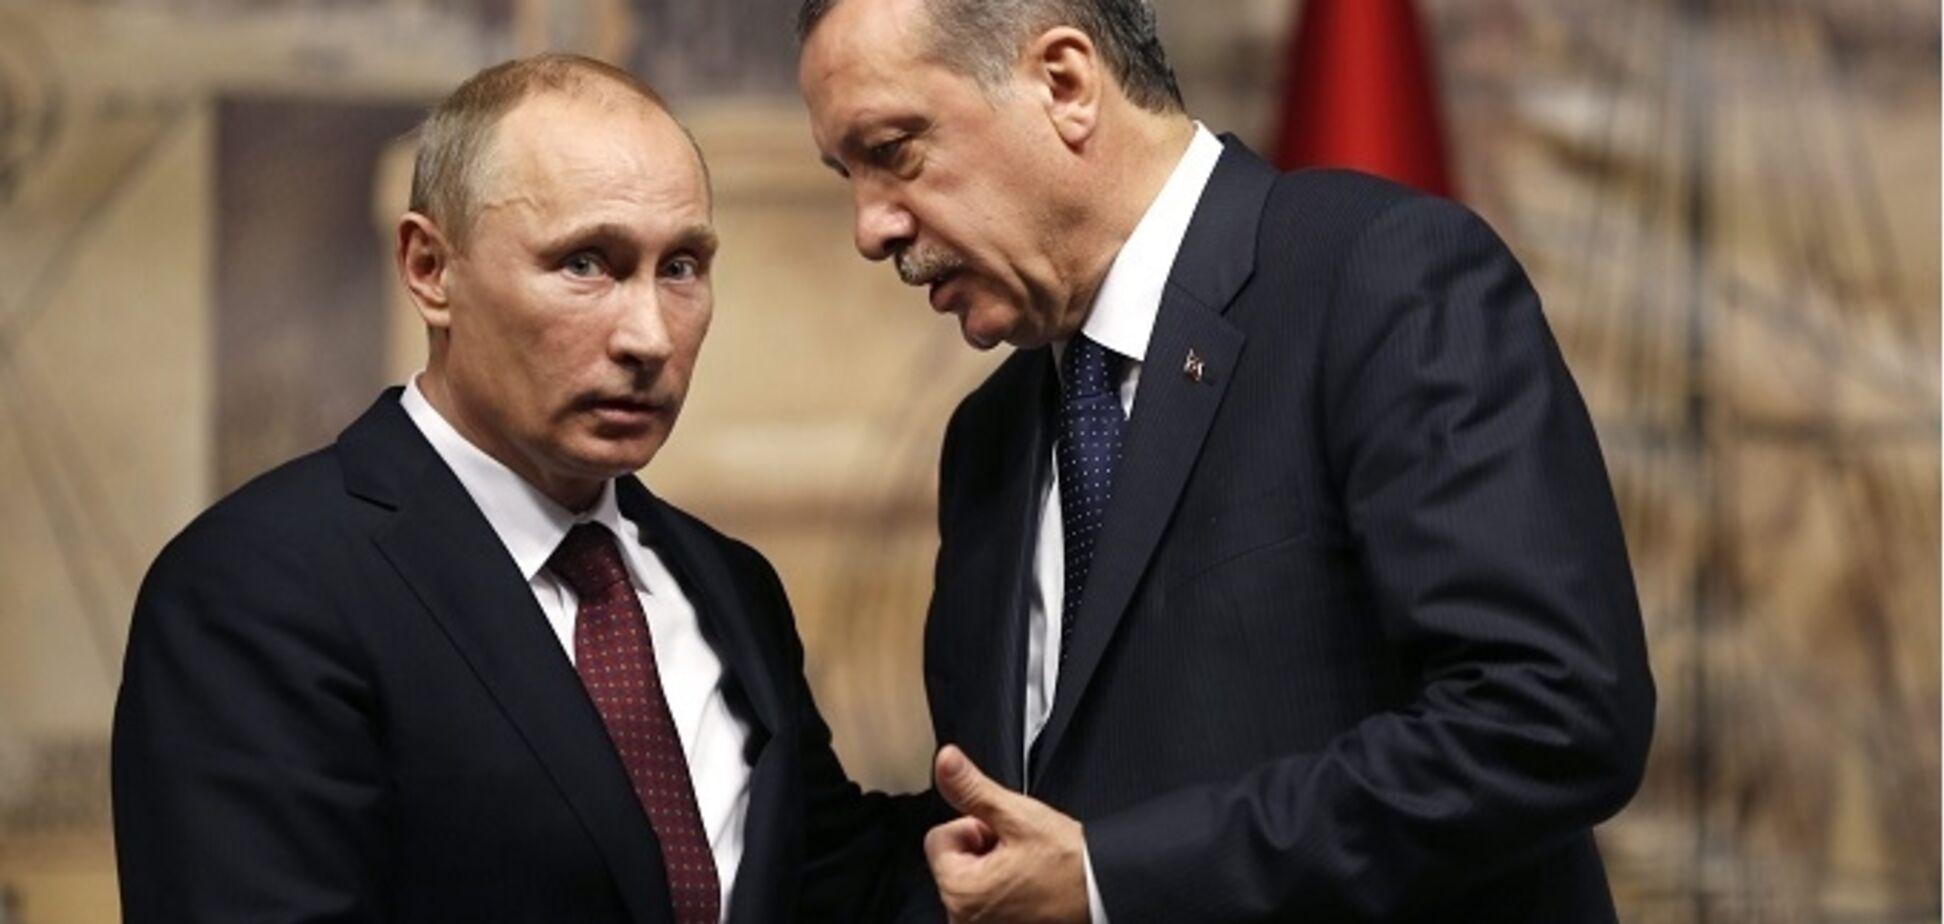 Время расставило все по своим местам: уже не Россия ведет диалог с позиции силы